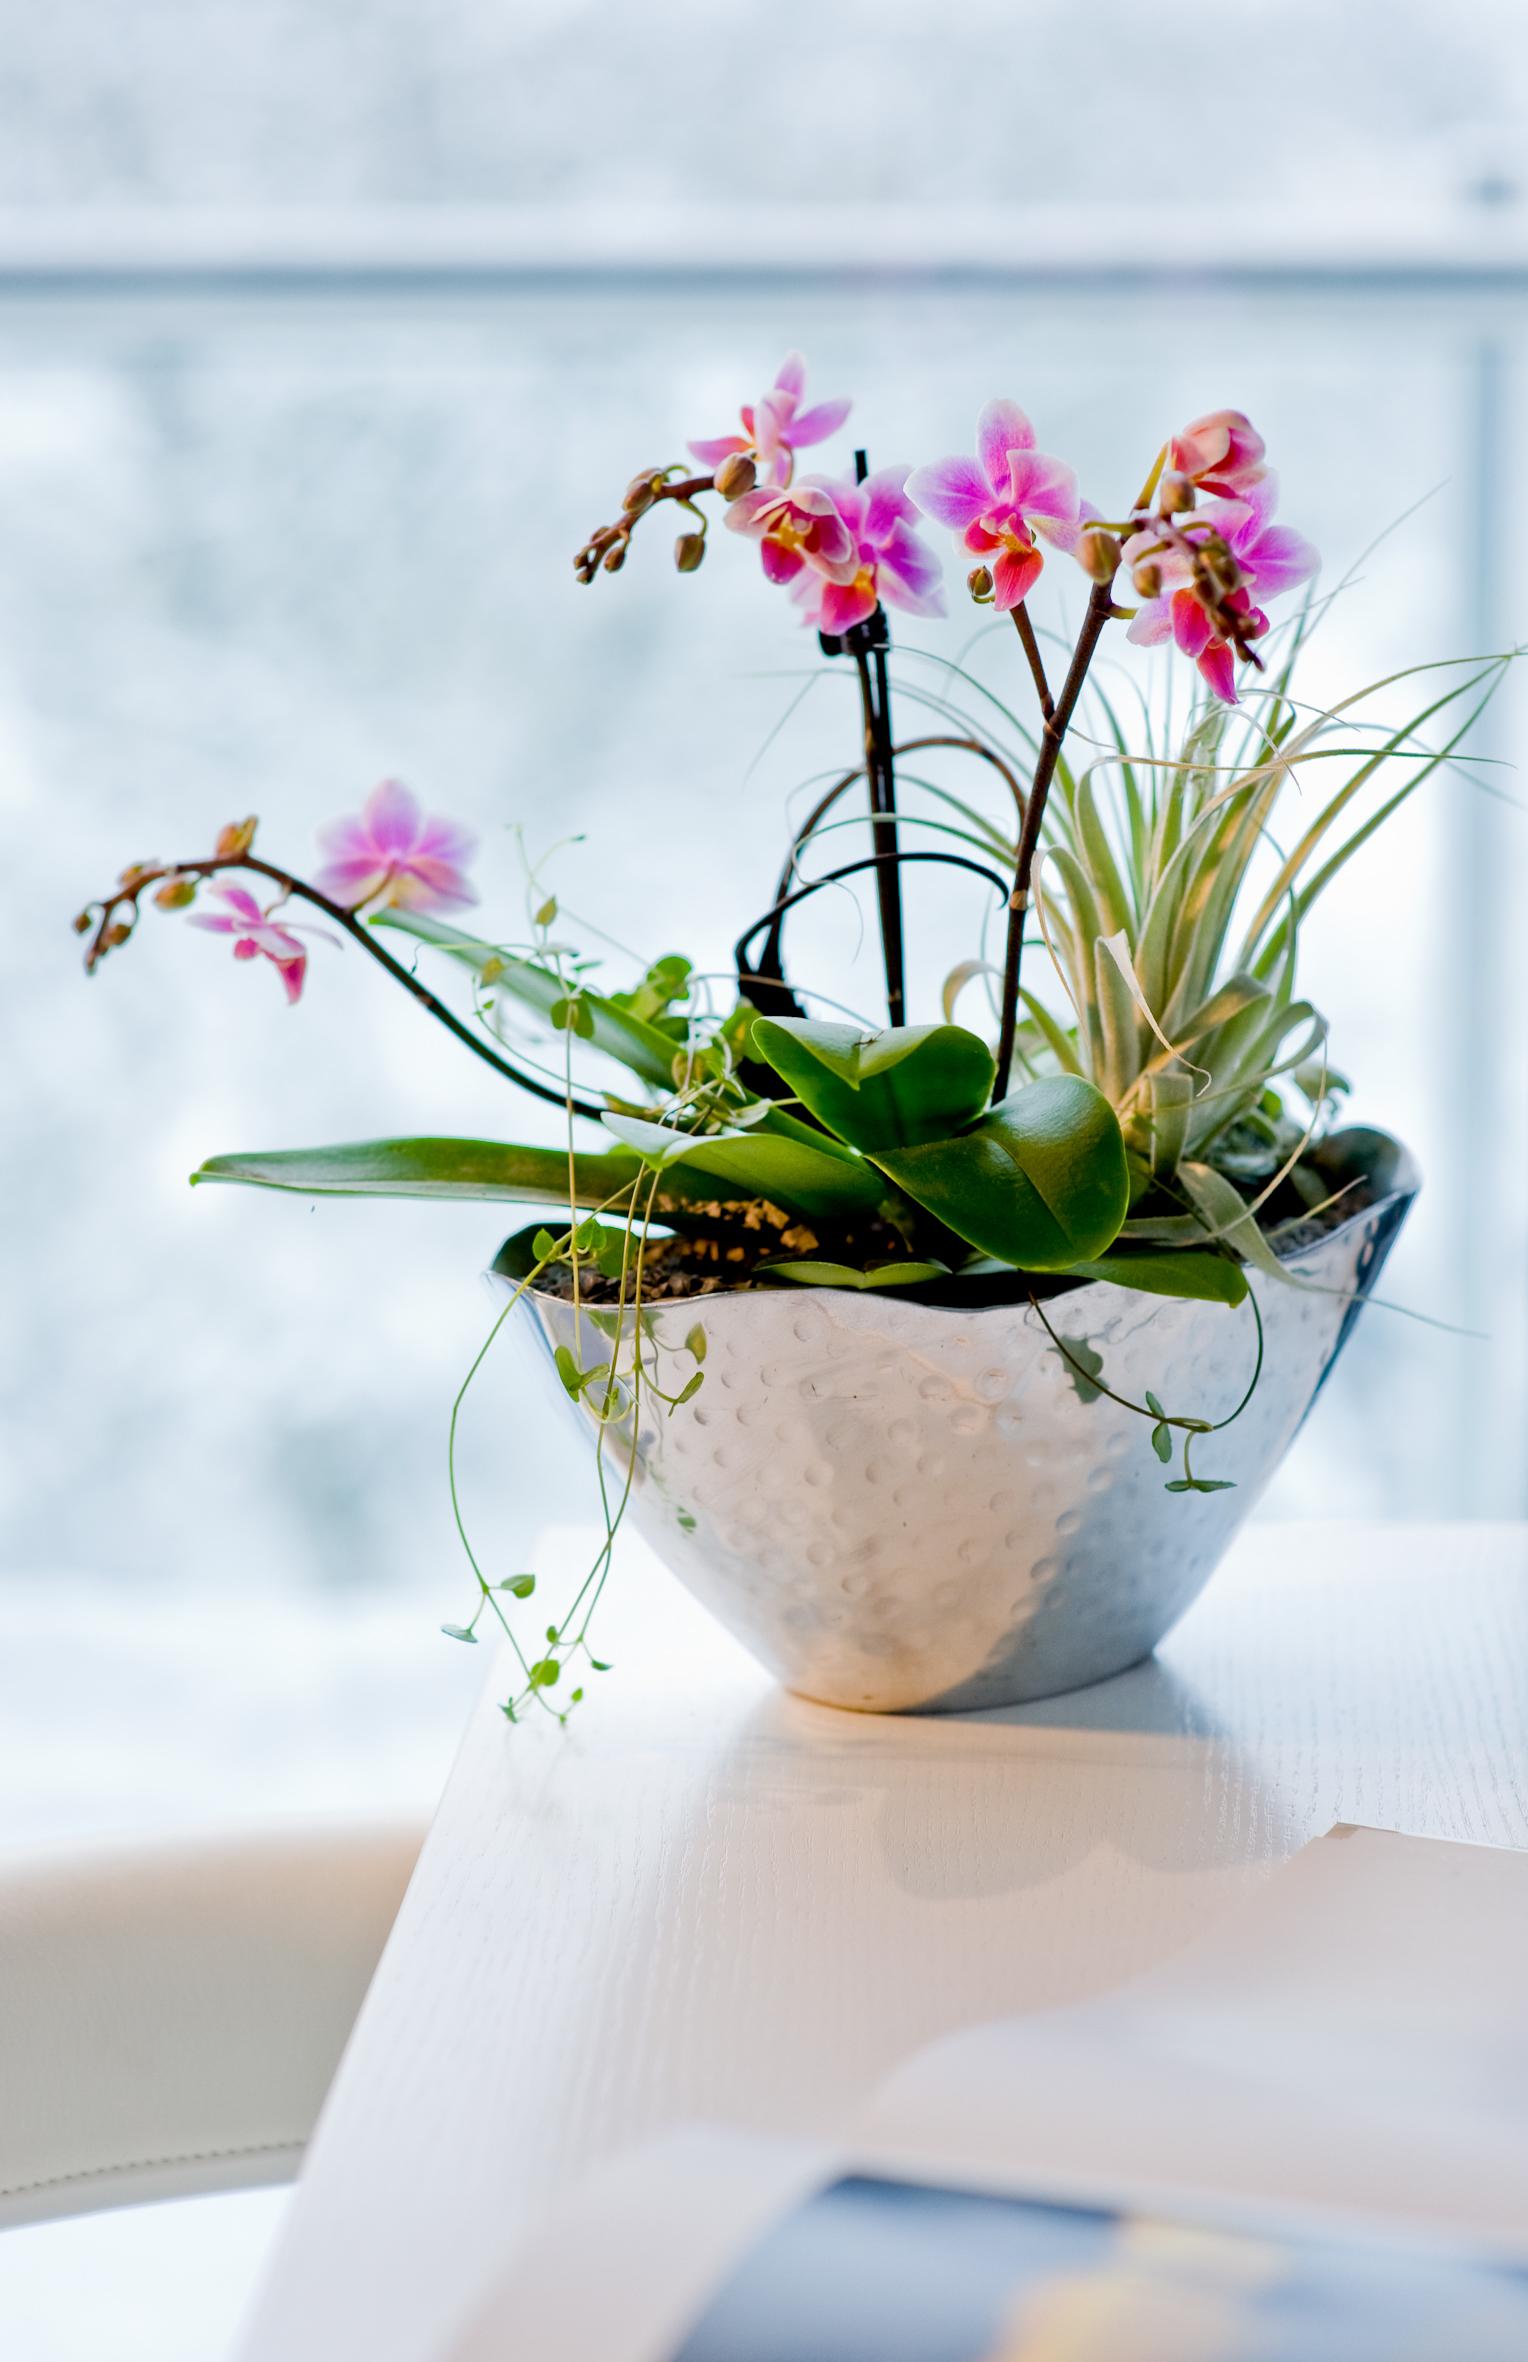 Orchideen U2013 Vielfalt Tropischer Schönheiten